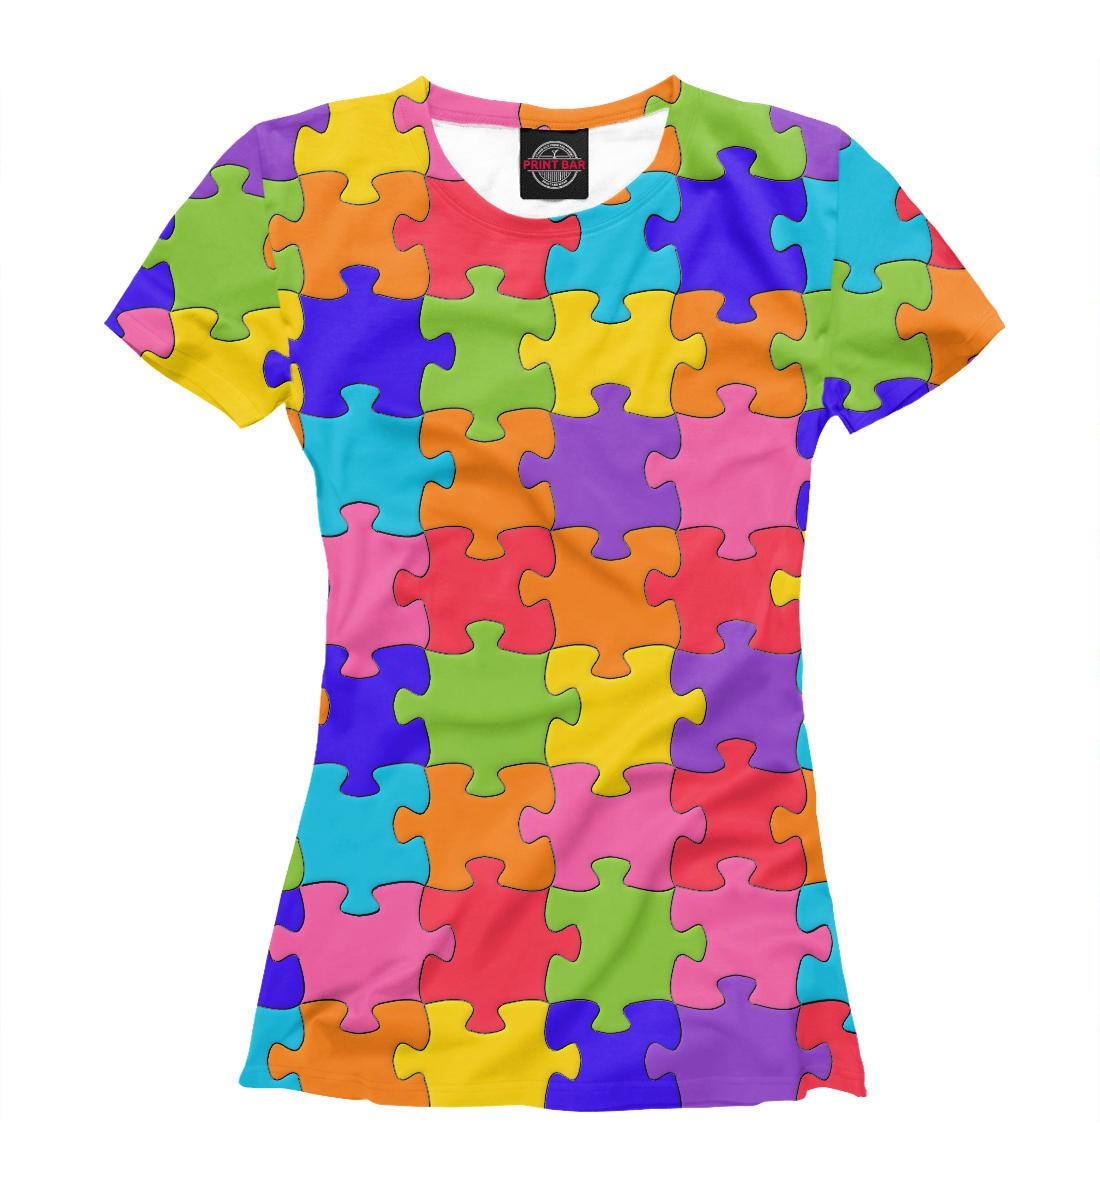 Купить Разноцветный Пазл, Printbar, Футболки, APD-575678-fut-1